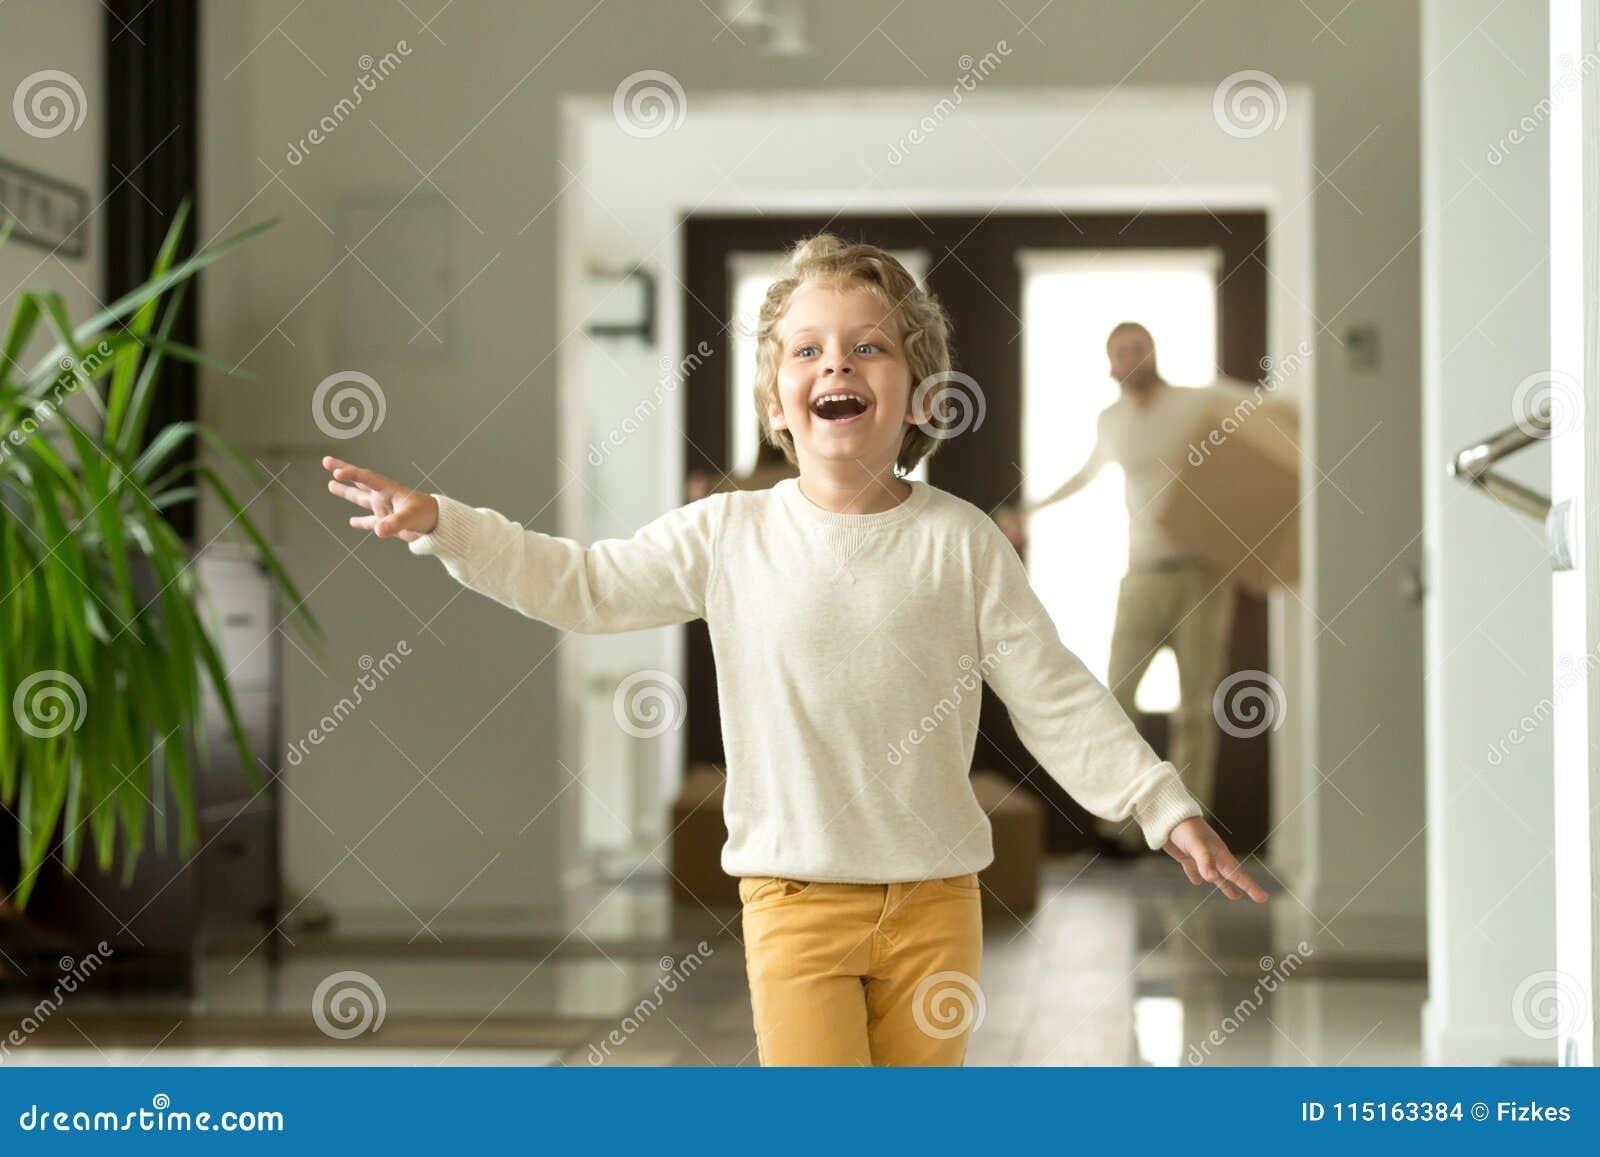 逗人喜爱的移动与父母的孩子男孩跑的探索的新房